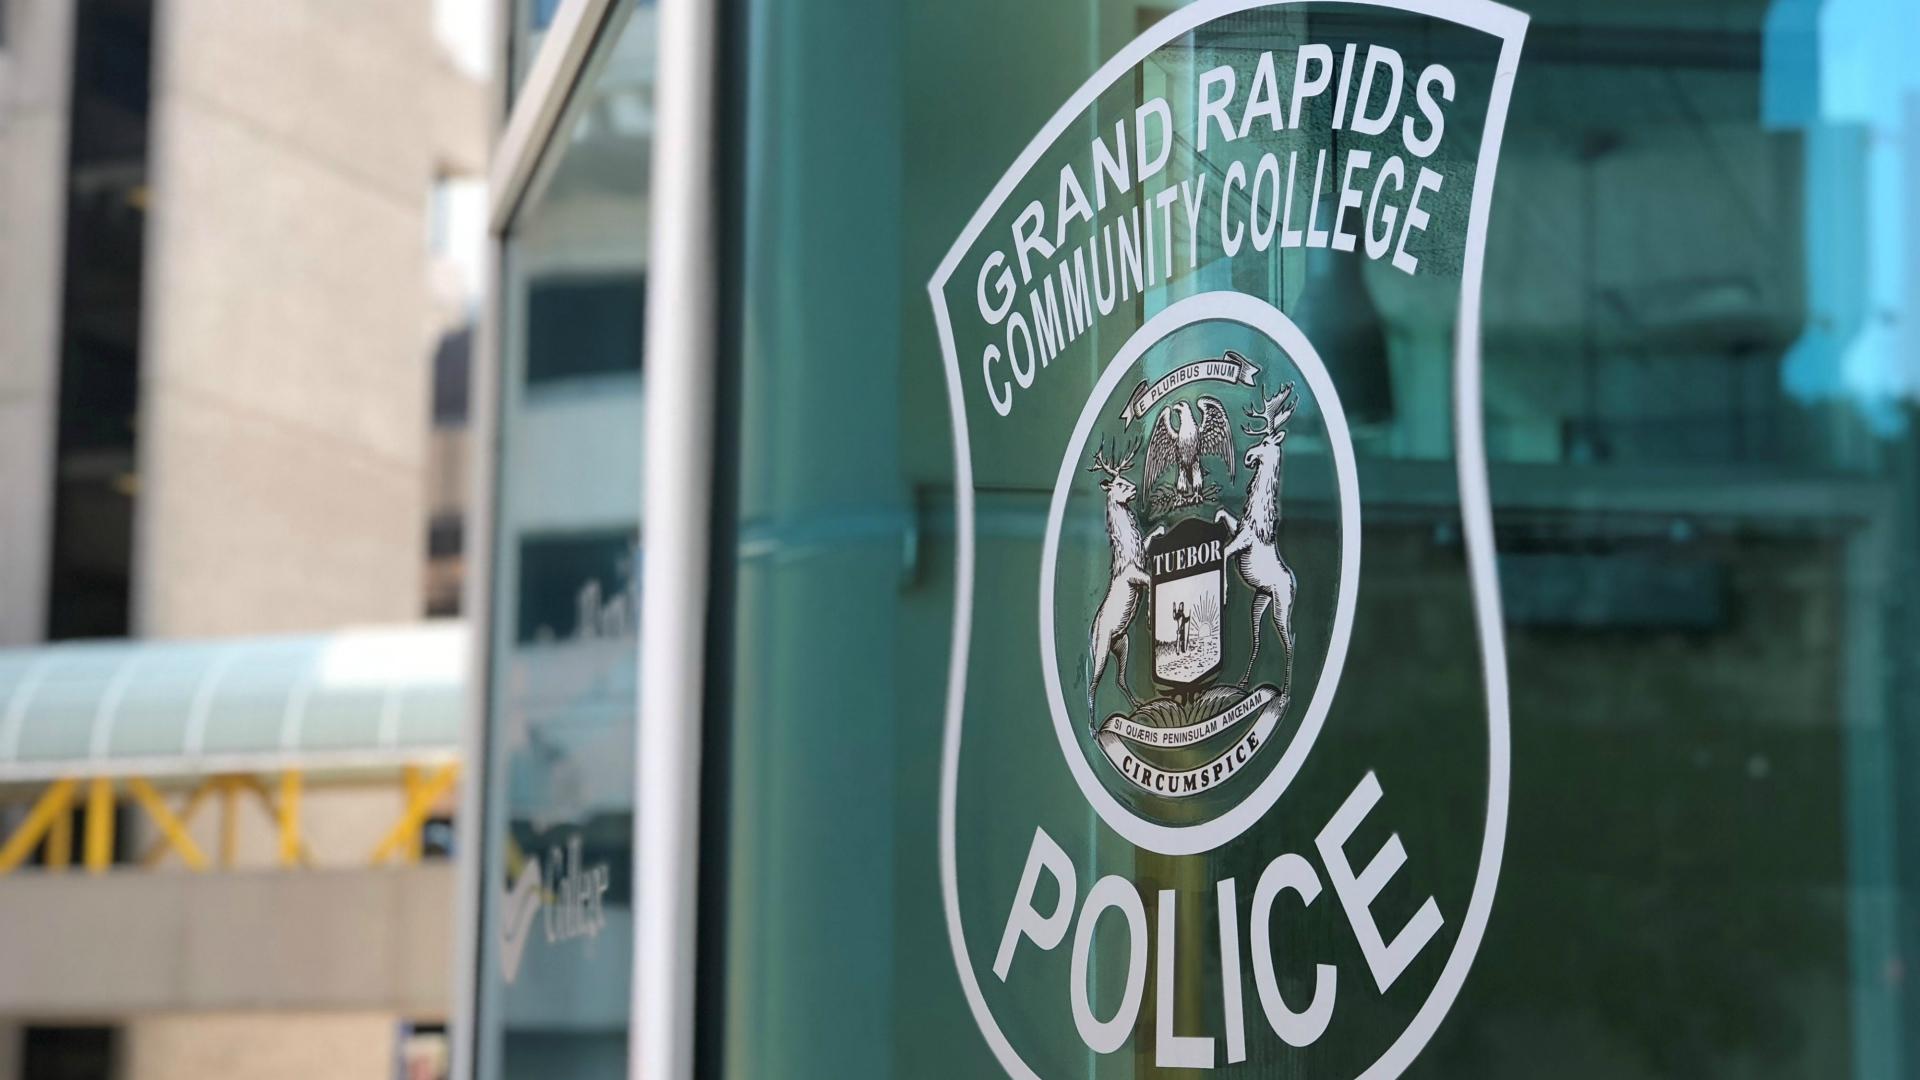 generic grand rapids community college campus police generic grcc campus police_1527817715745.jpg.jpg